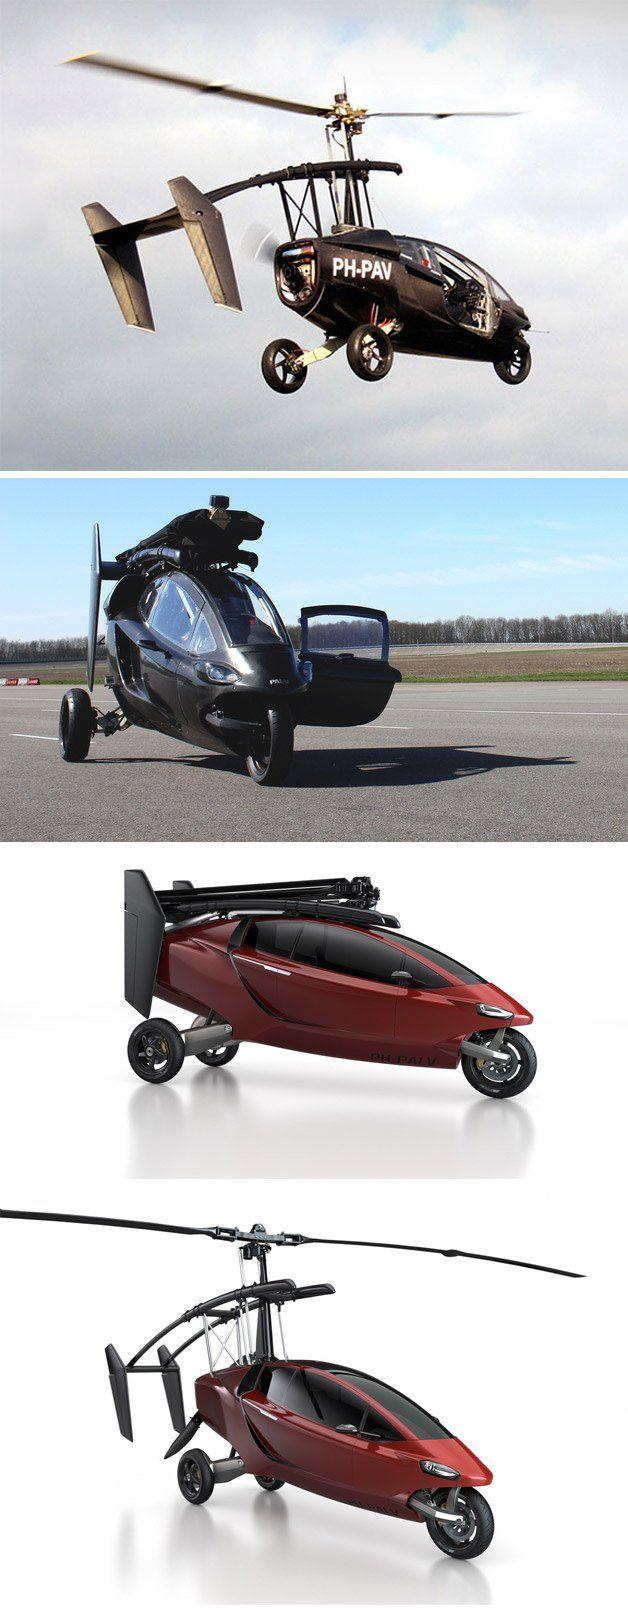 Juntando os benefícios de um carro e um helicóptero em um só veículo o PAL-V mostra como será o nosso futuro. Se a fabricante conseguir que o produto tenha um preço acessível, nós veremos muita gente voando até o seu trabalho e diversos helipontos espalhados pelas grandes cidades.